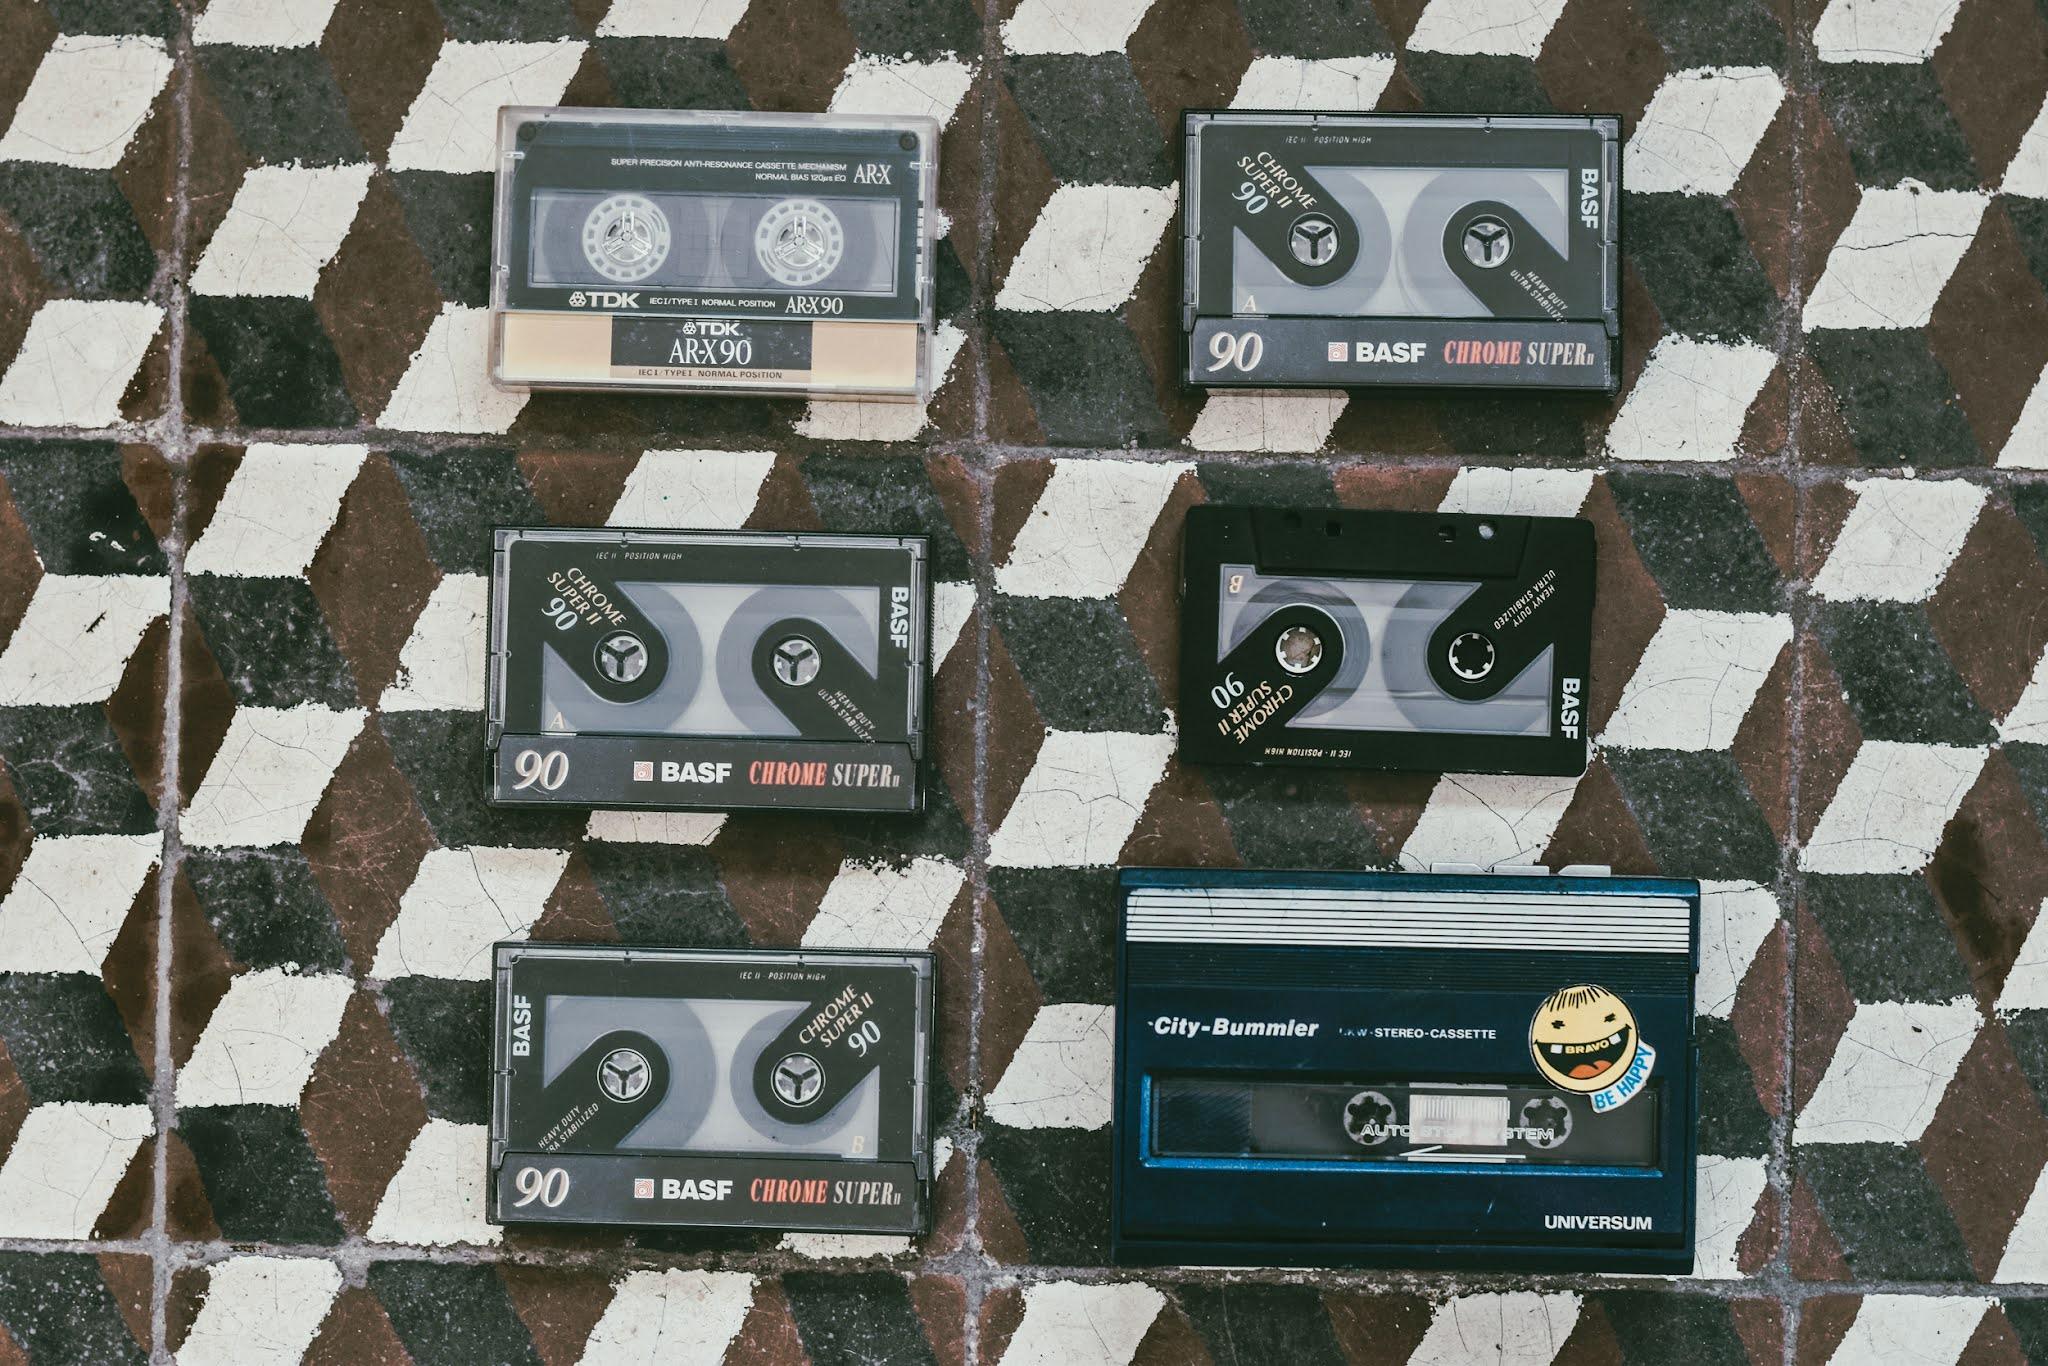 kultowe rzeczy z lat 90tych. Kasety i walkman jak wyglądają?